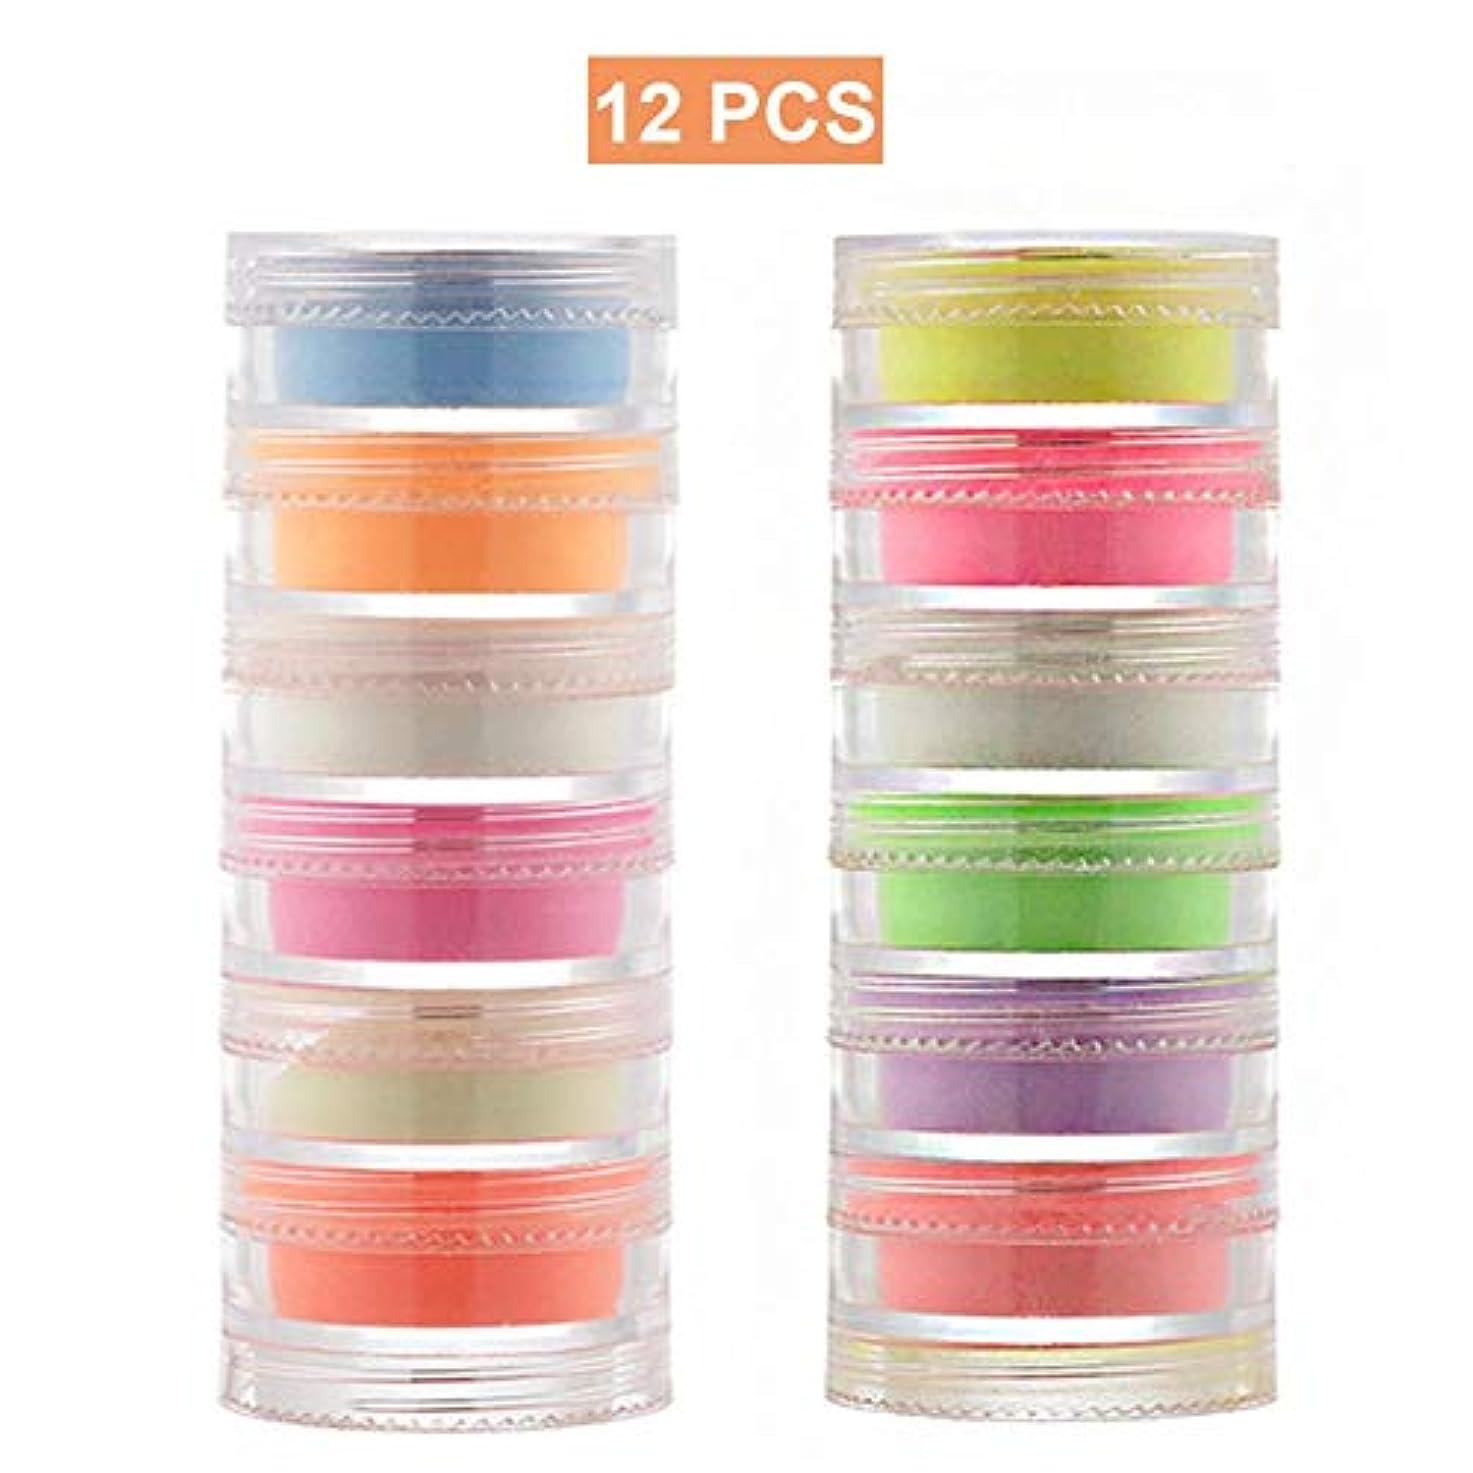 絶滅ロマンスペパーミント女の子色レディースのための12色のハロウィンDIYによって塗られる釘の明るい粉